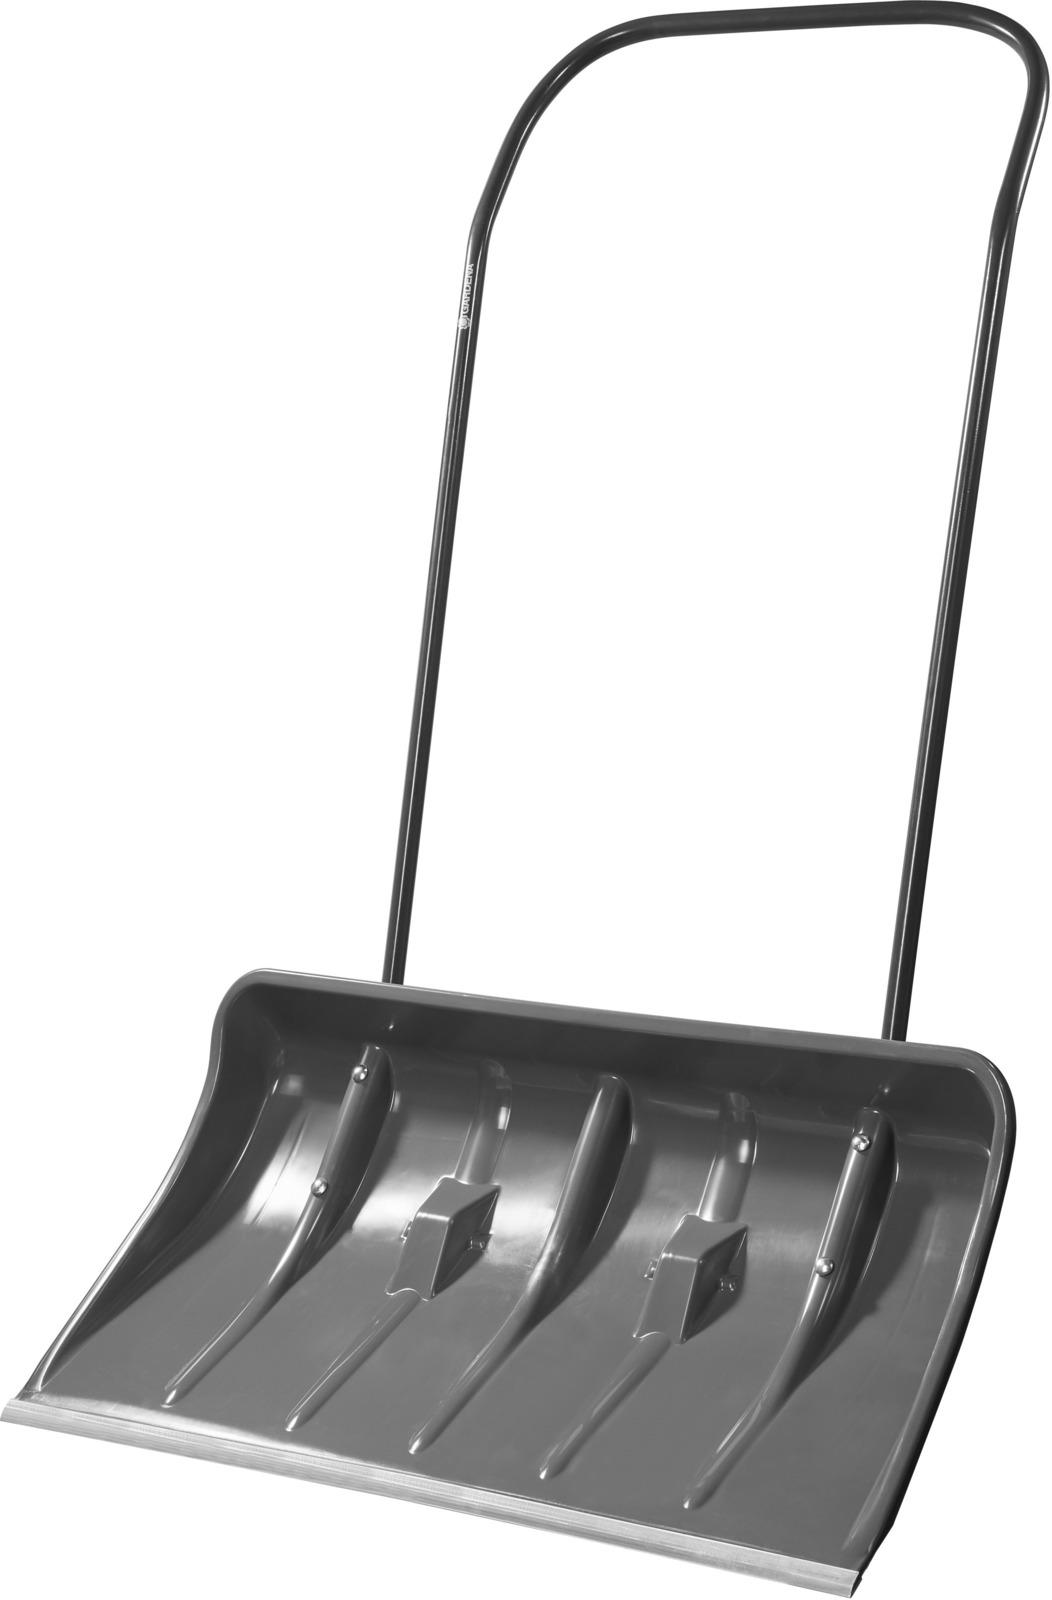 Лопата для уборки снега Gardena ClassicLine, цвет: бирюзовый, серый, 80 см